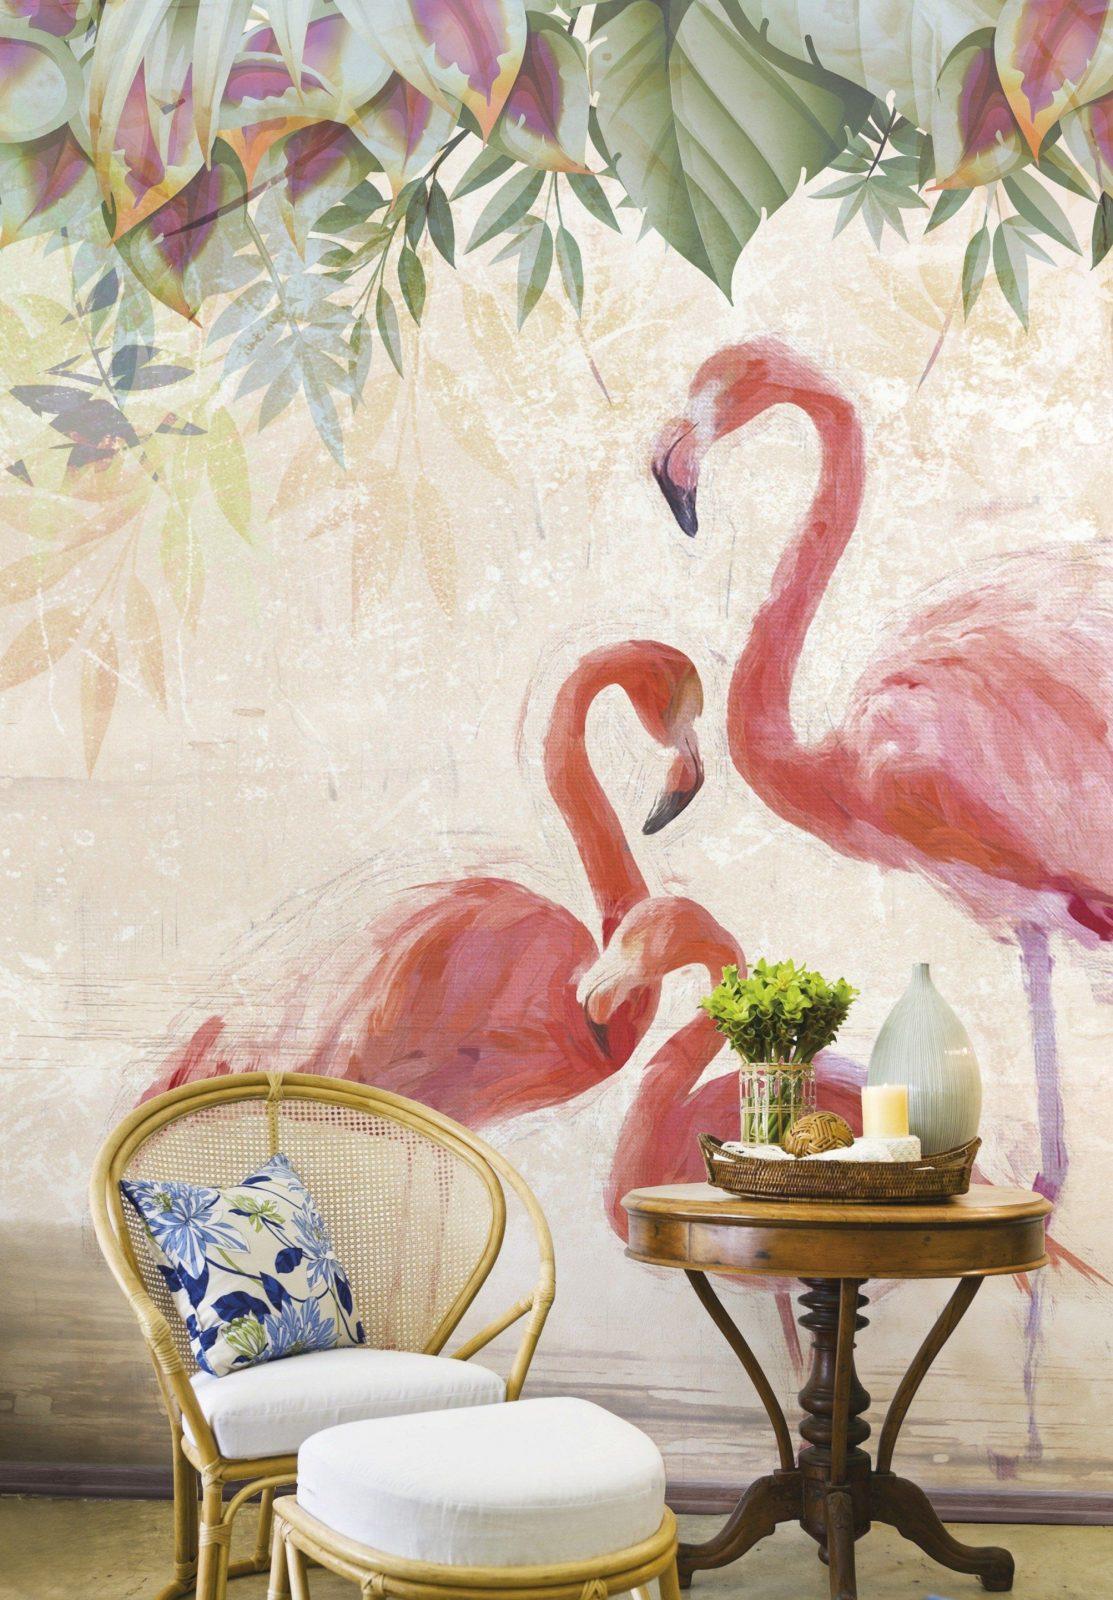 Tropisches Feeling Für Wand Tapete Wände Einschließlich Großartig von Foto Auf Tapete Drucken Lassen Photo